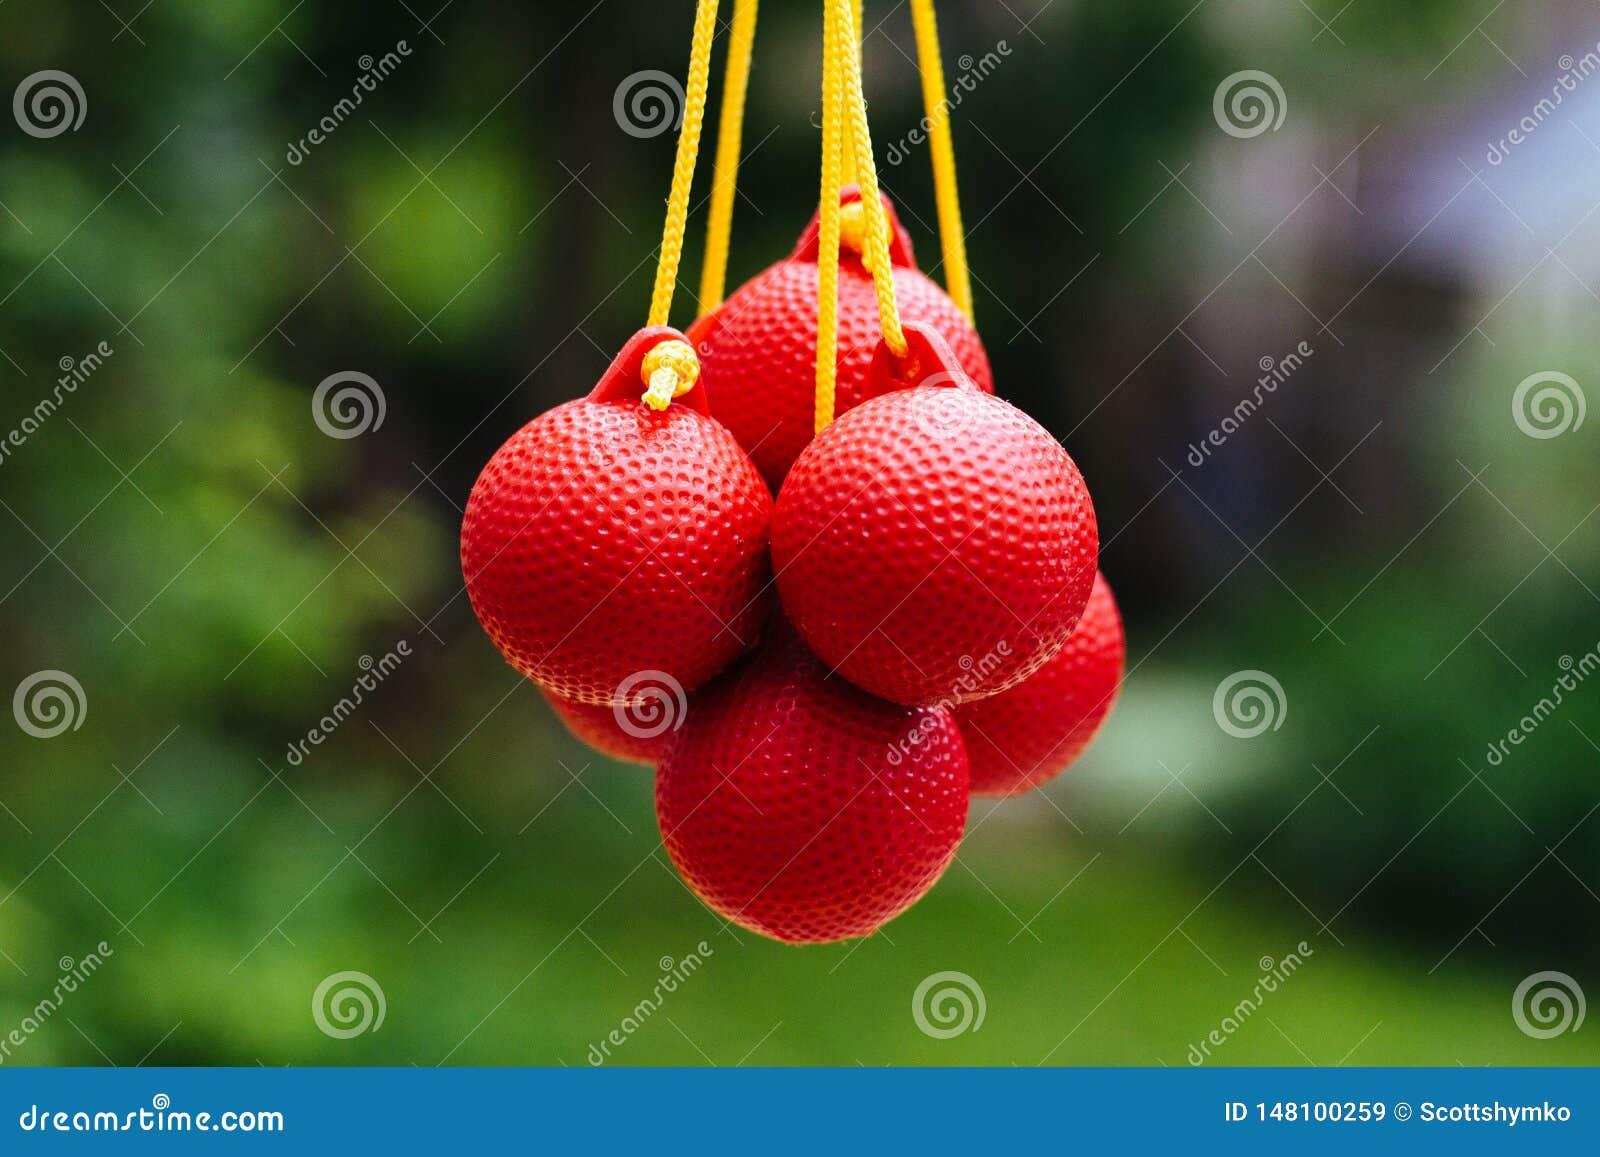 Lassogolfbälle verschoben durch ihre Schnüre